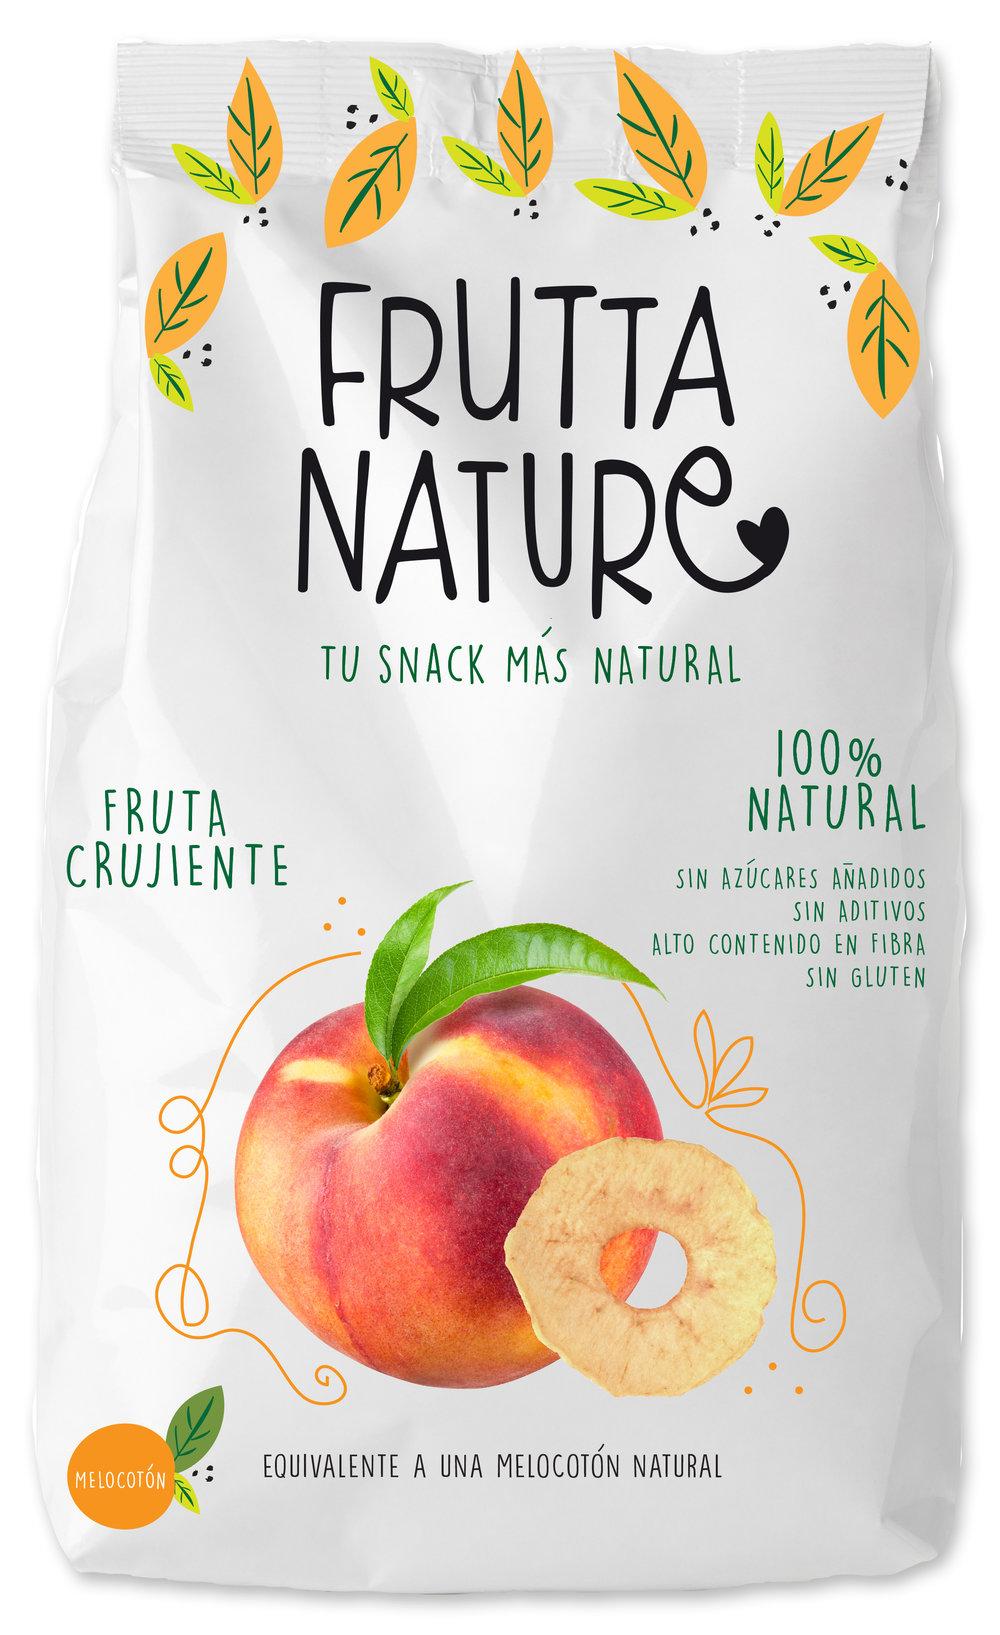 frutta nature. melocotón